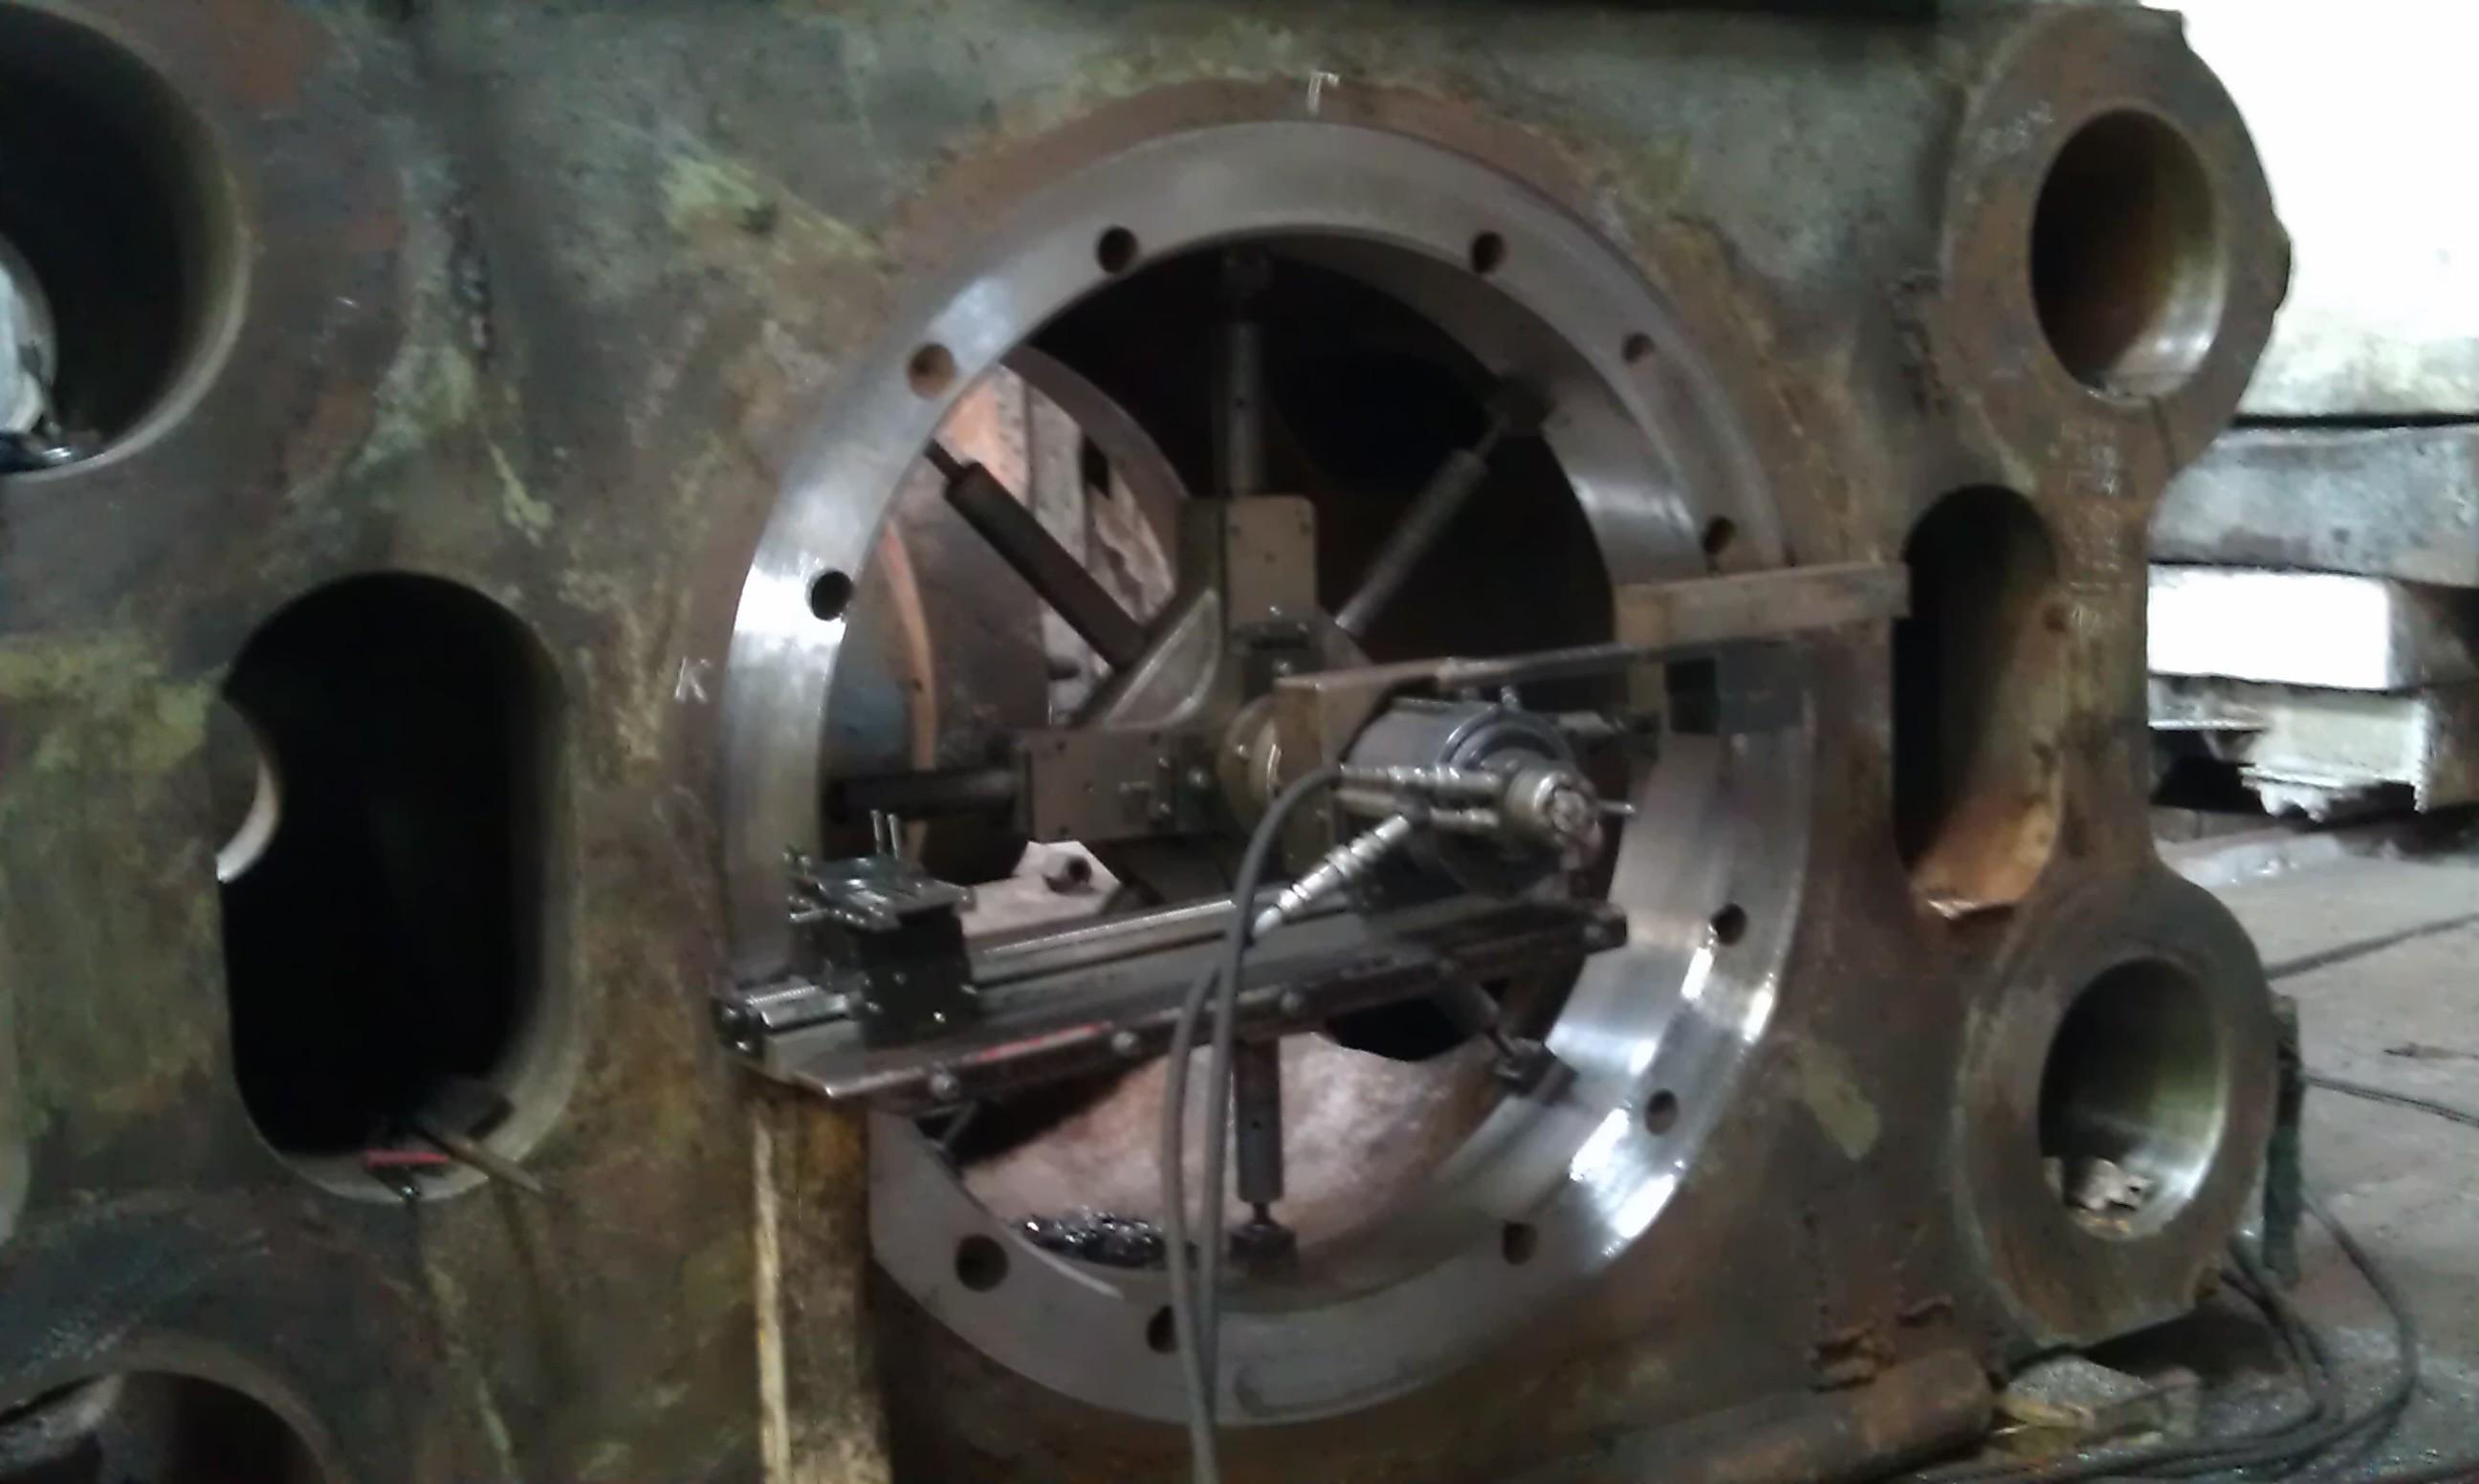 Торцовка контактной поверхности архитрава с фланцем рабочего цилиндра гидравлического ковочного пресса силой 20 МН (Dunkan) мобильным станком для обработки фланцев Mirage MM 1500i